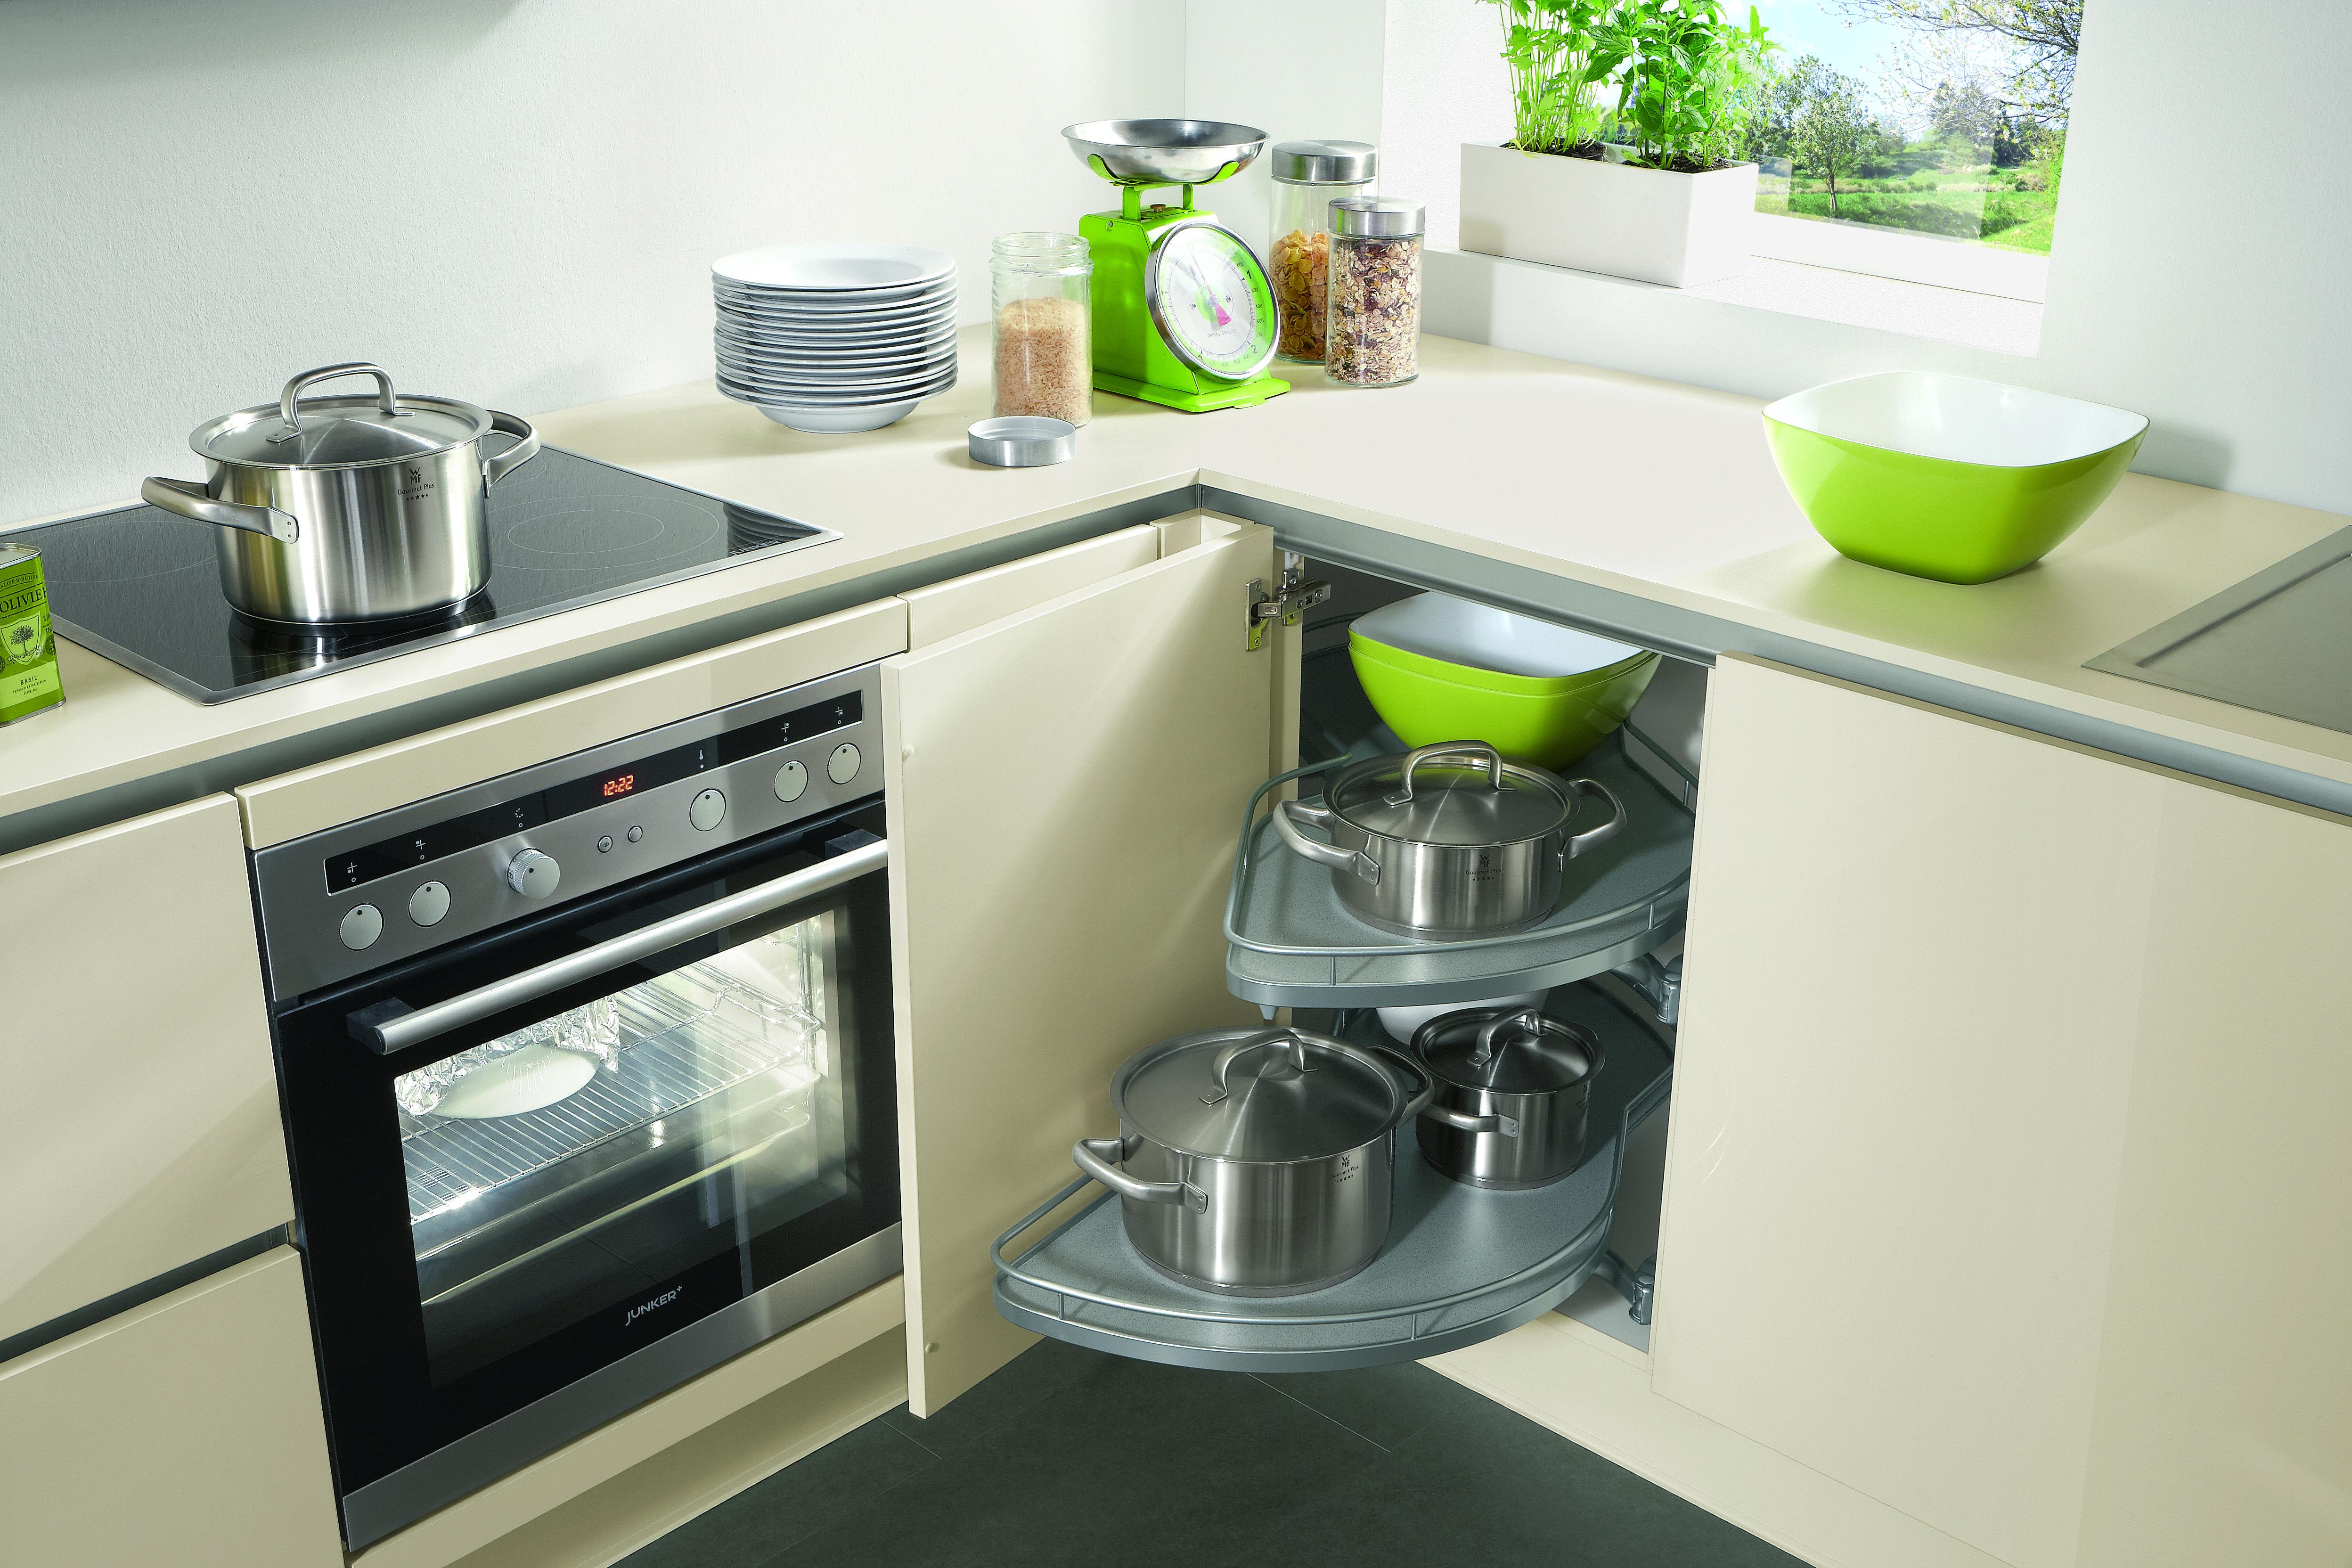 keuken carrousel le mans prijs : Keuken I Hoekkast I Carrousel I Keuken Interieur Idee N